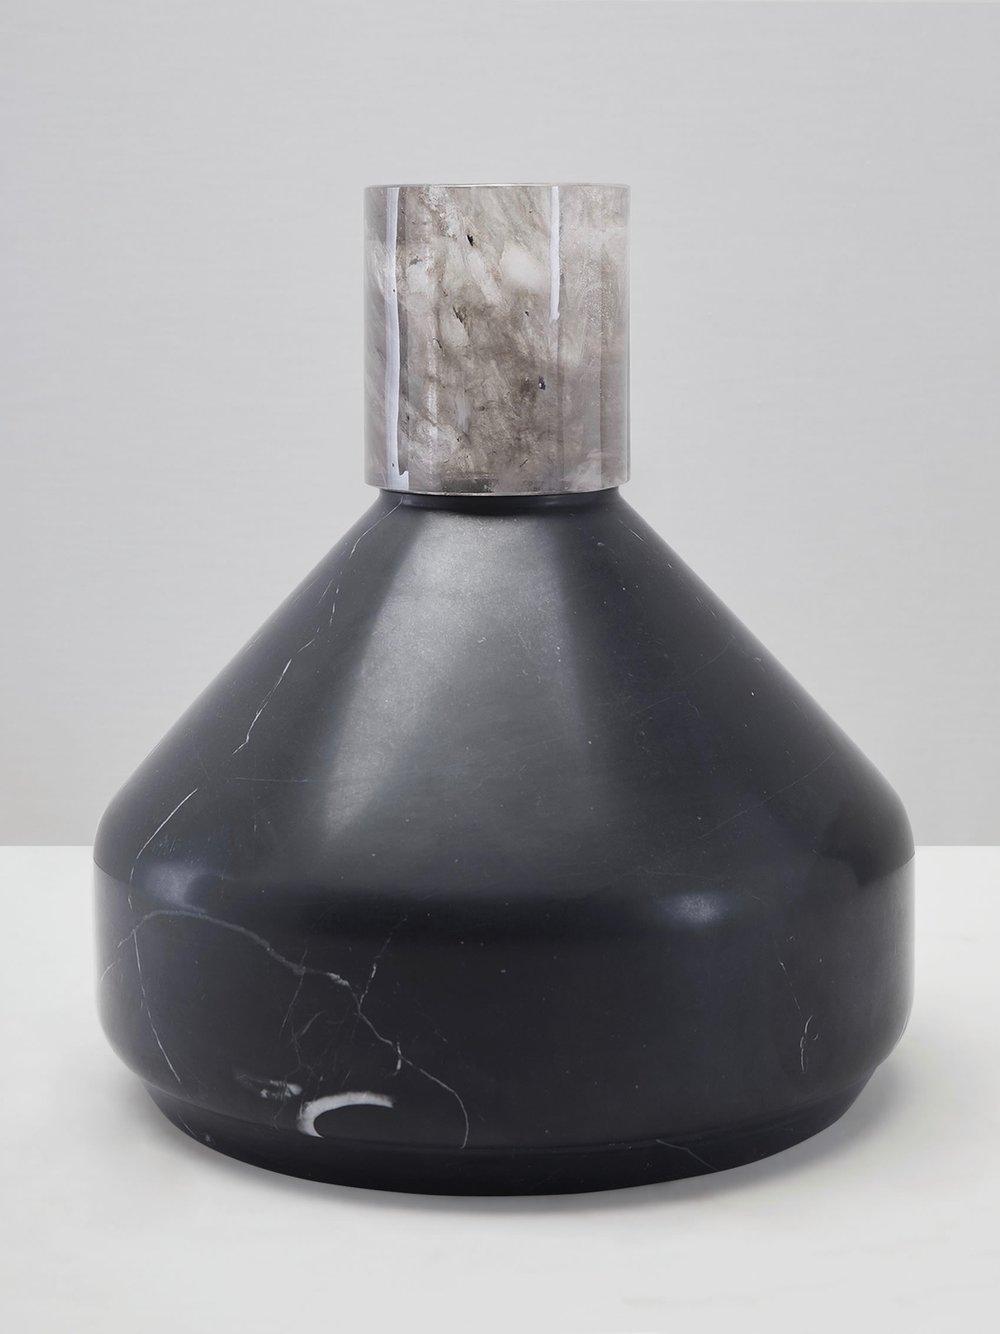 Bulky Bottle Vase <i><br>12.900 DKK</i>